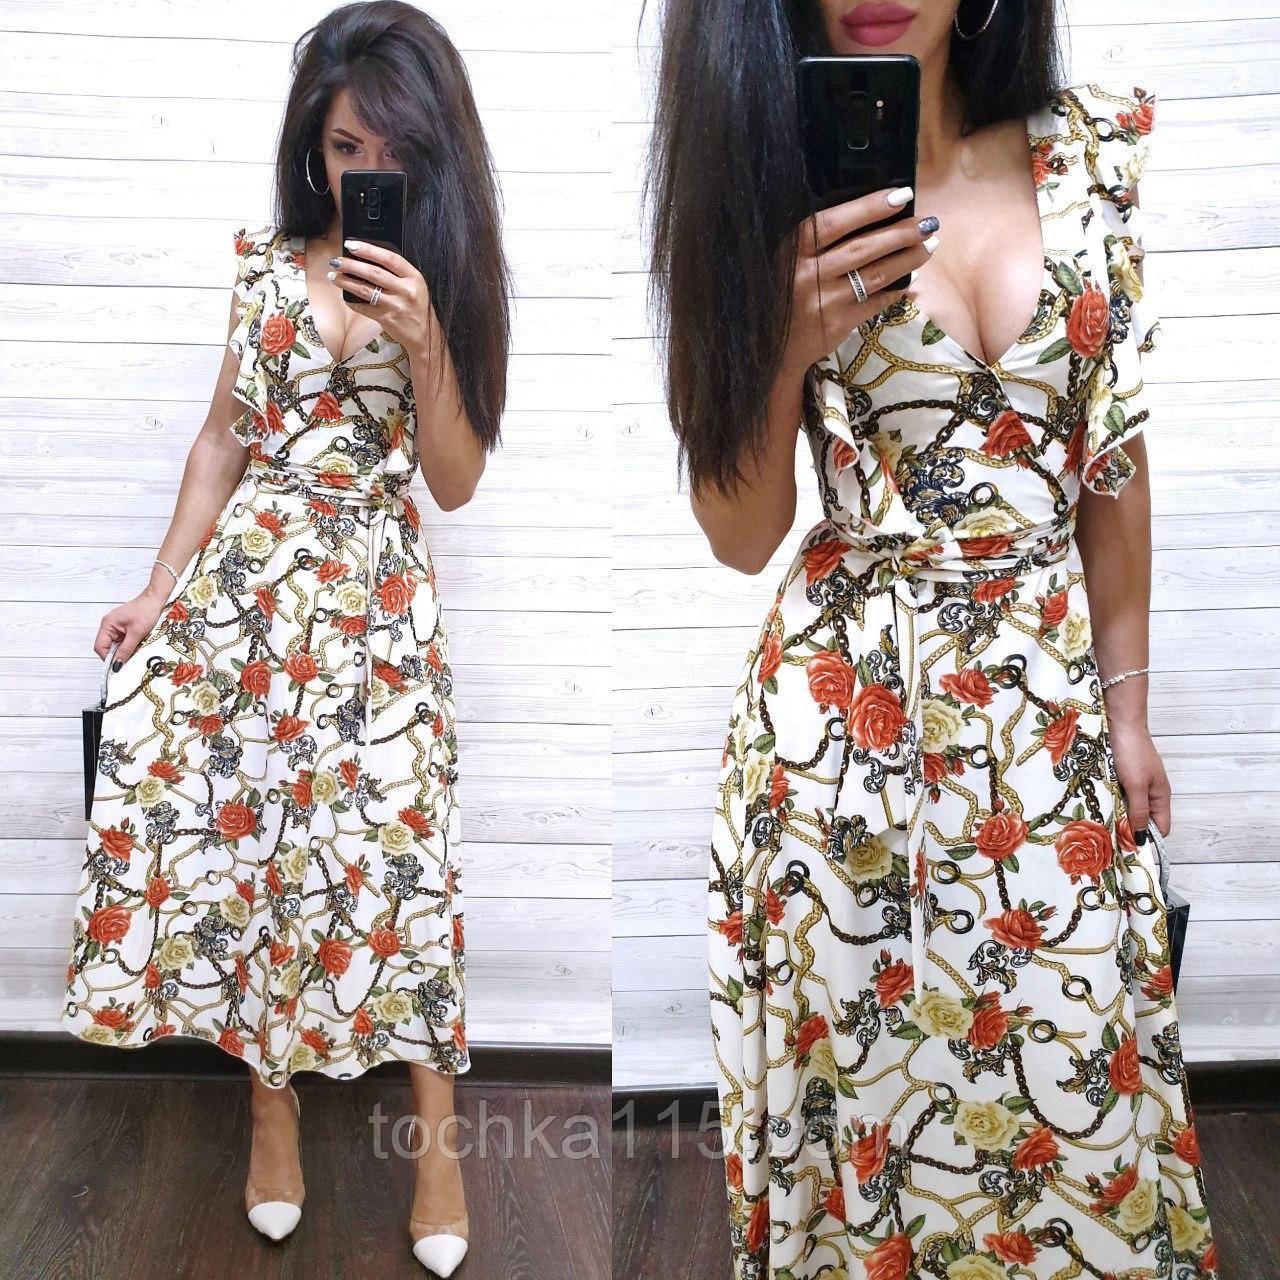 Літнє жіноче плаття, тканина софт, S/M/L, колір білий